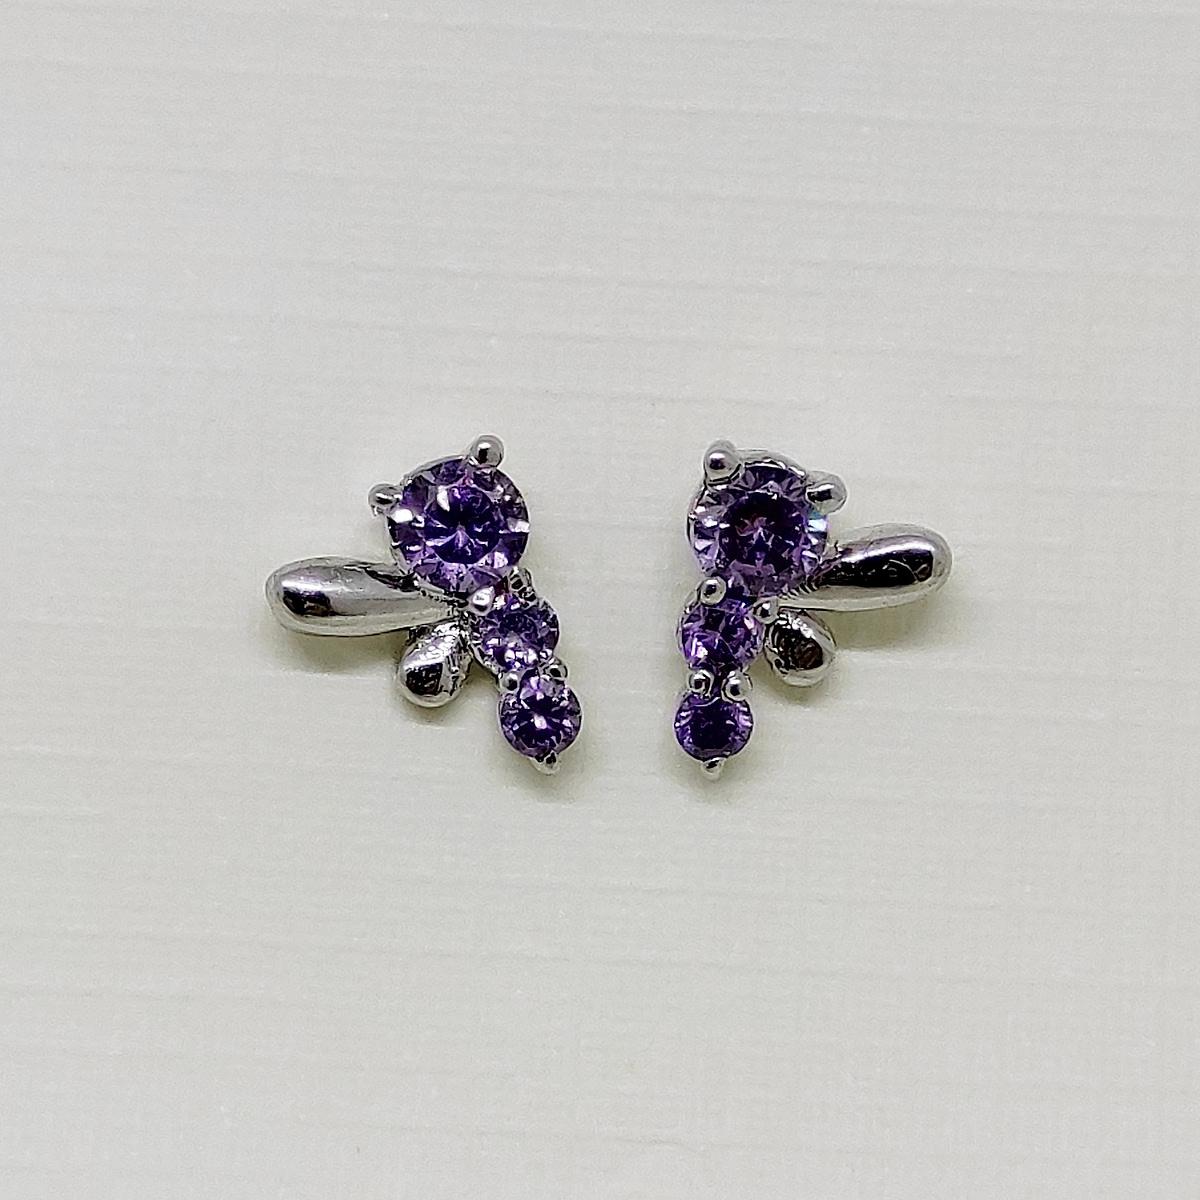 Buzz - Bee Shaped Earrings